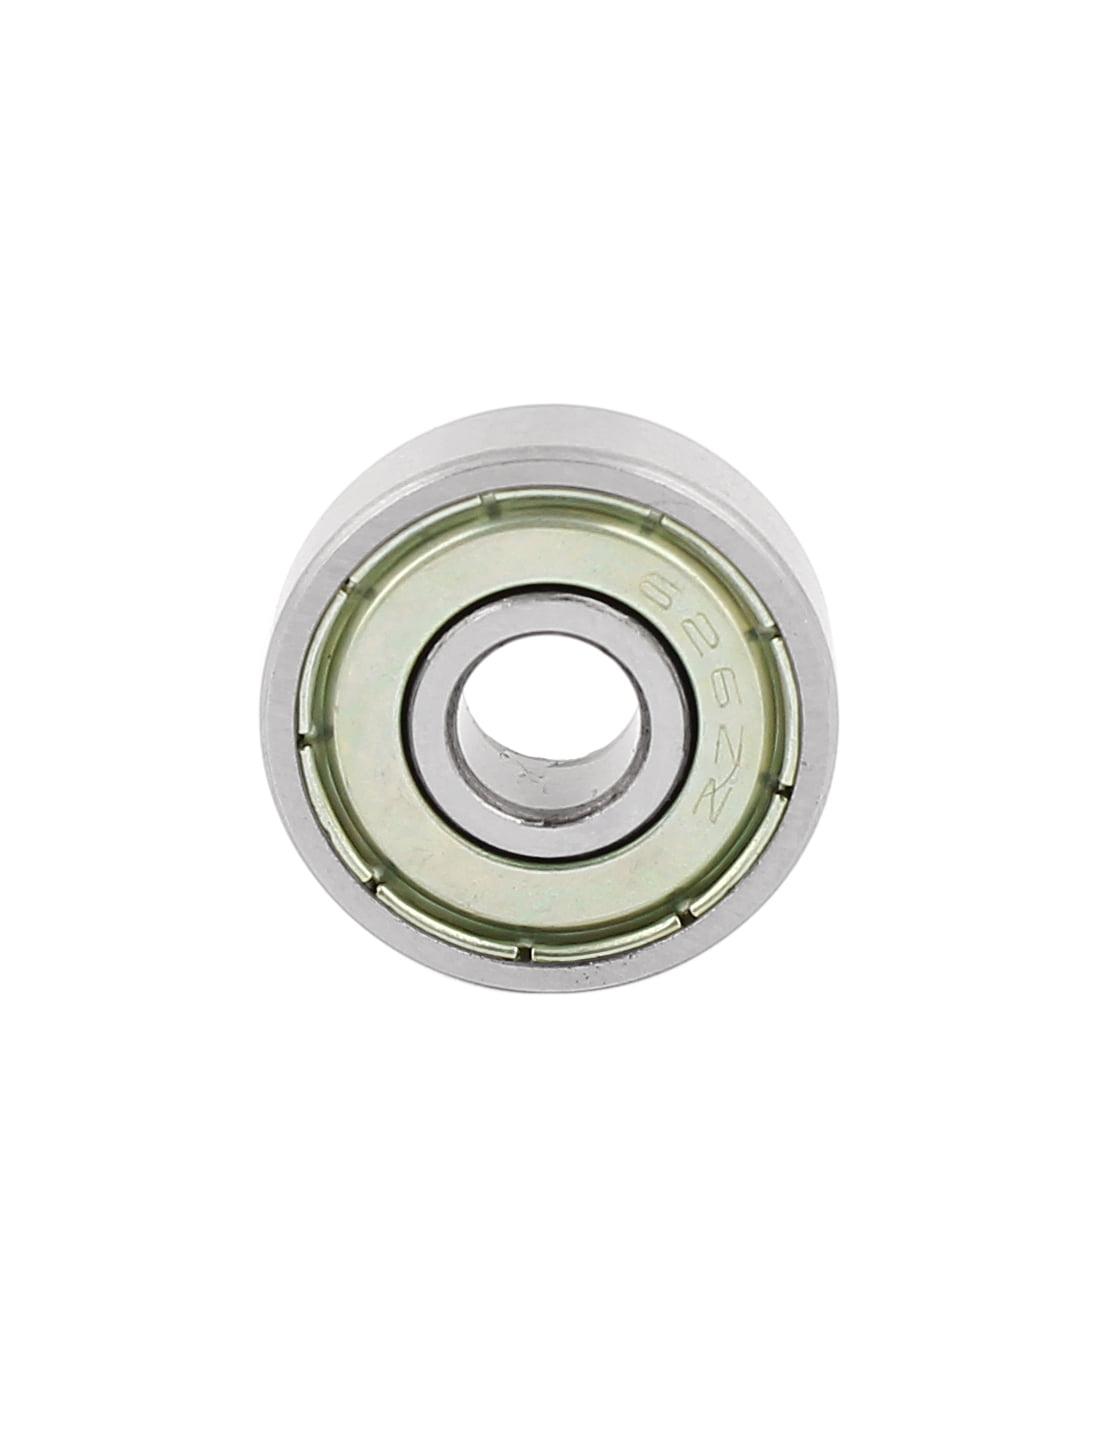 1 SINGLE 626 ZZ Shielded Bearing 6mm x 19mm x 6mm